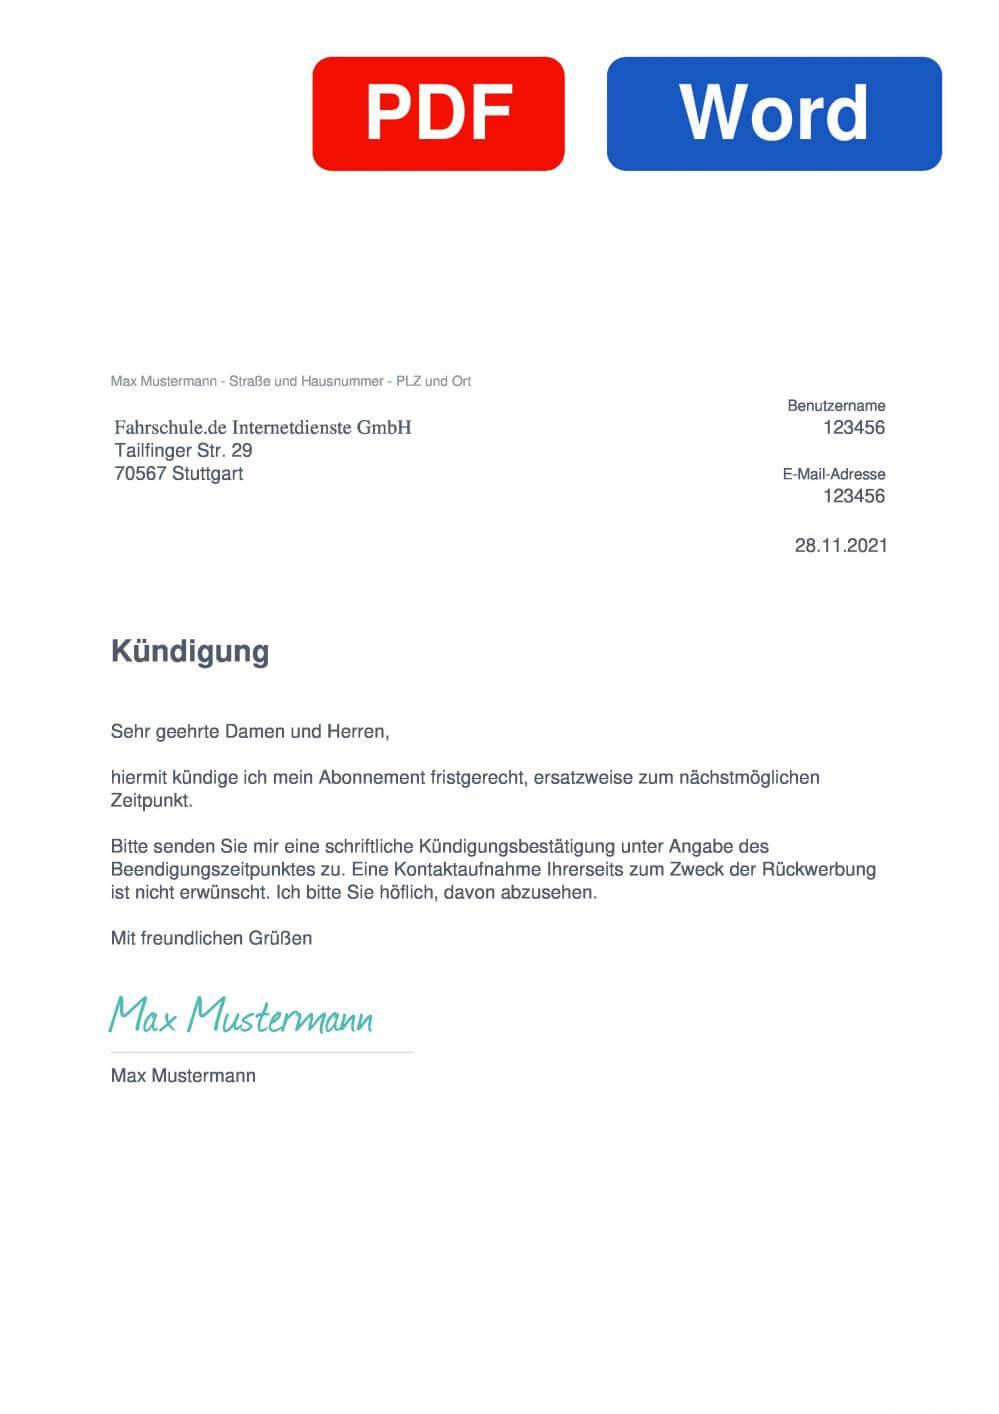 Fahrschule Muster Vorlage für Kündigungsschreiben